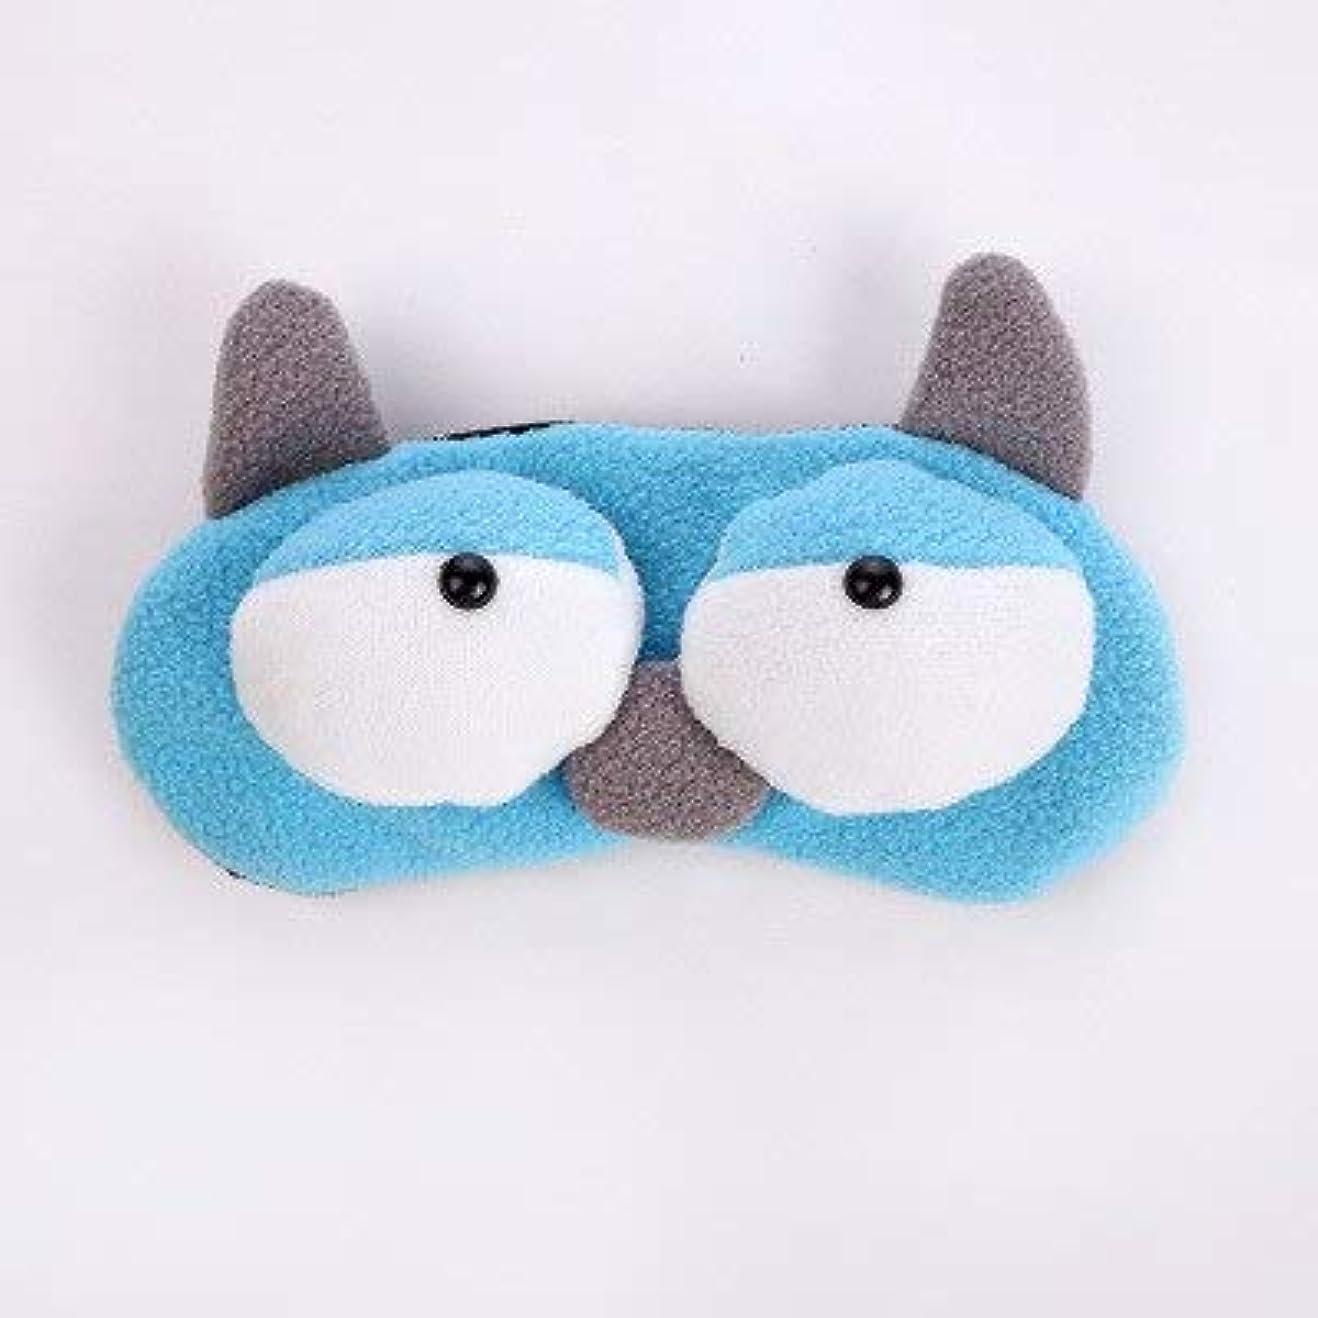 包括的熱おじさんNOTE 1ピースかわいい動物睡眠アイマスクパッド入りシェードカバーフランネル睡眠マスク休息旅行リラックス睡眠補助目隠しカバーアイパット